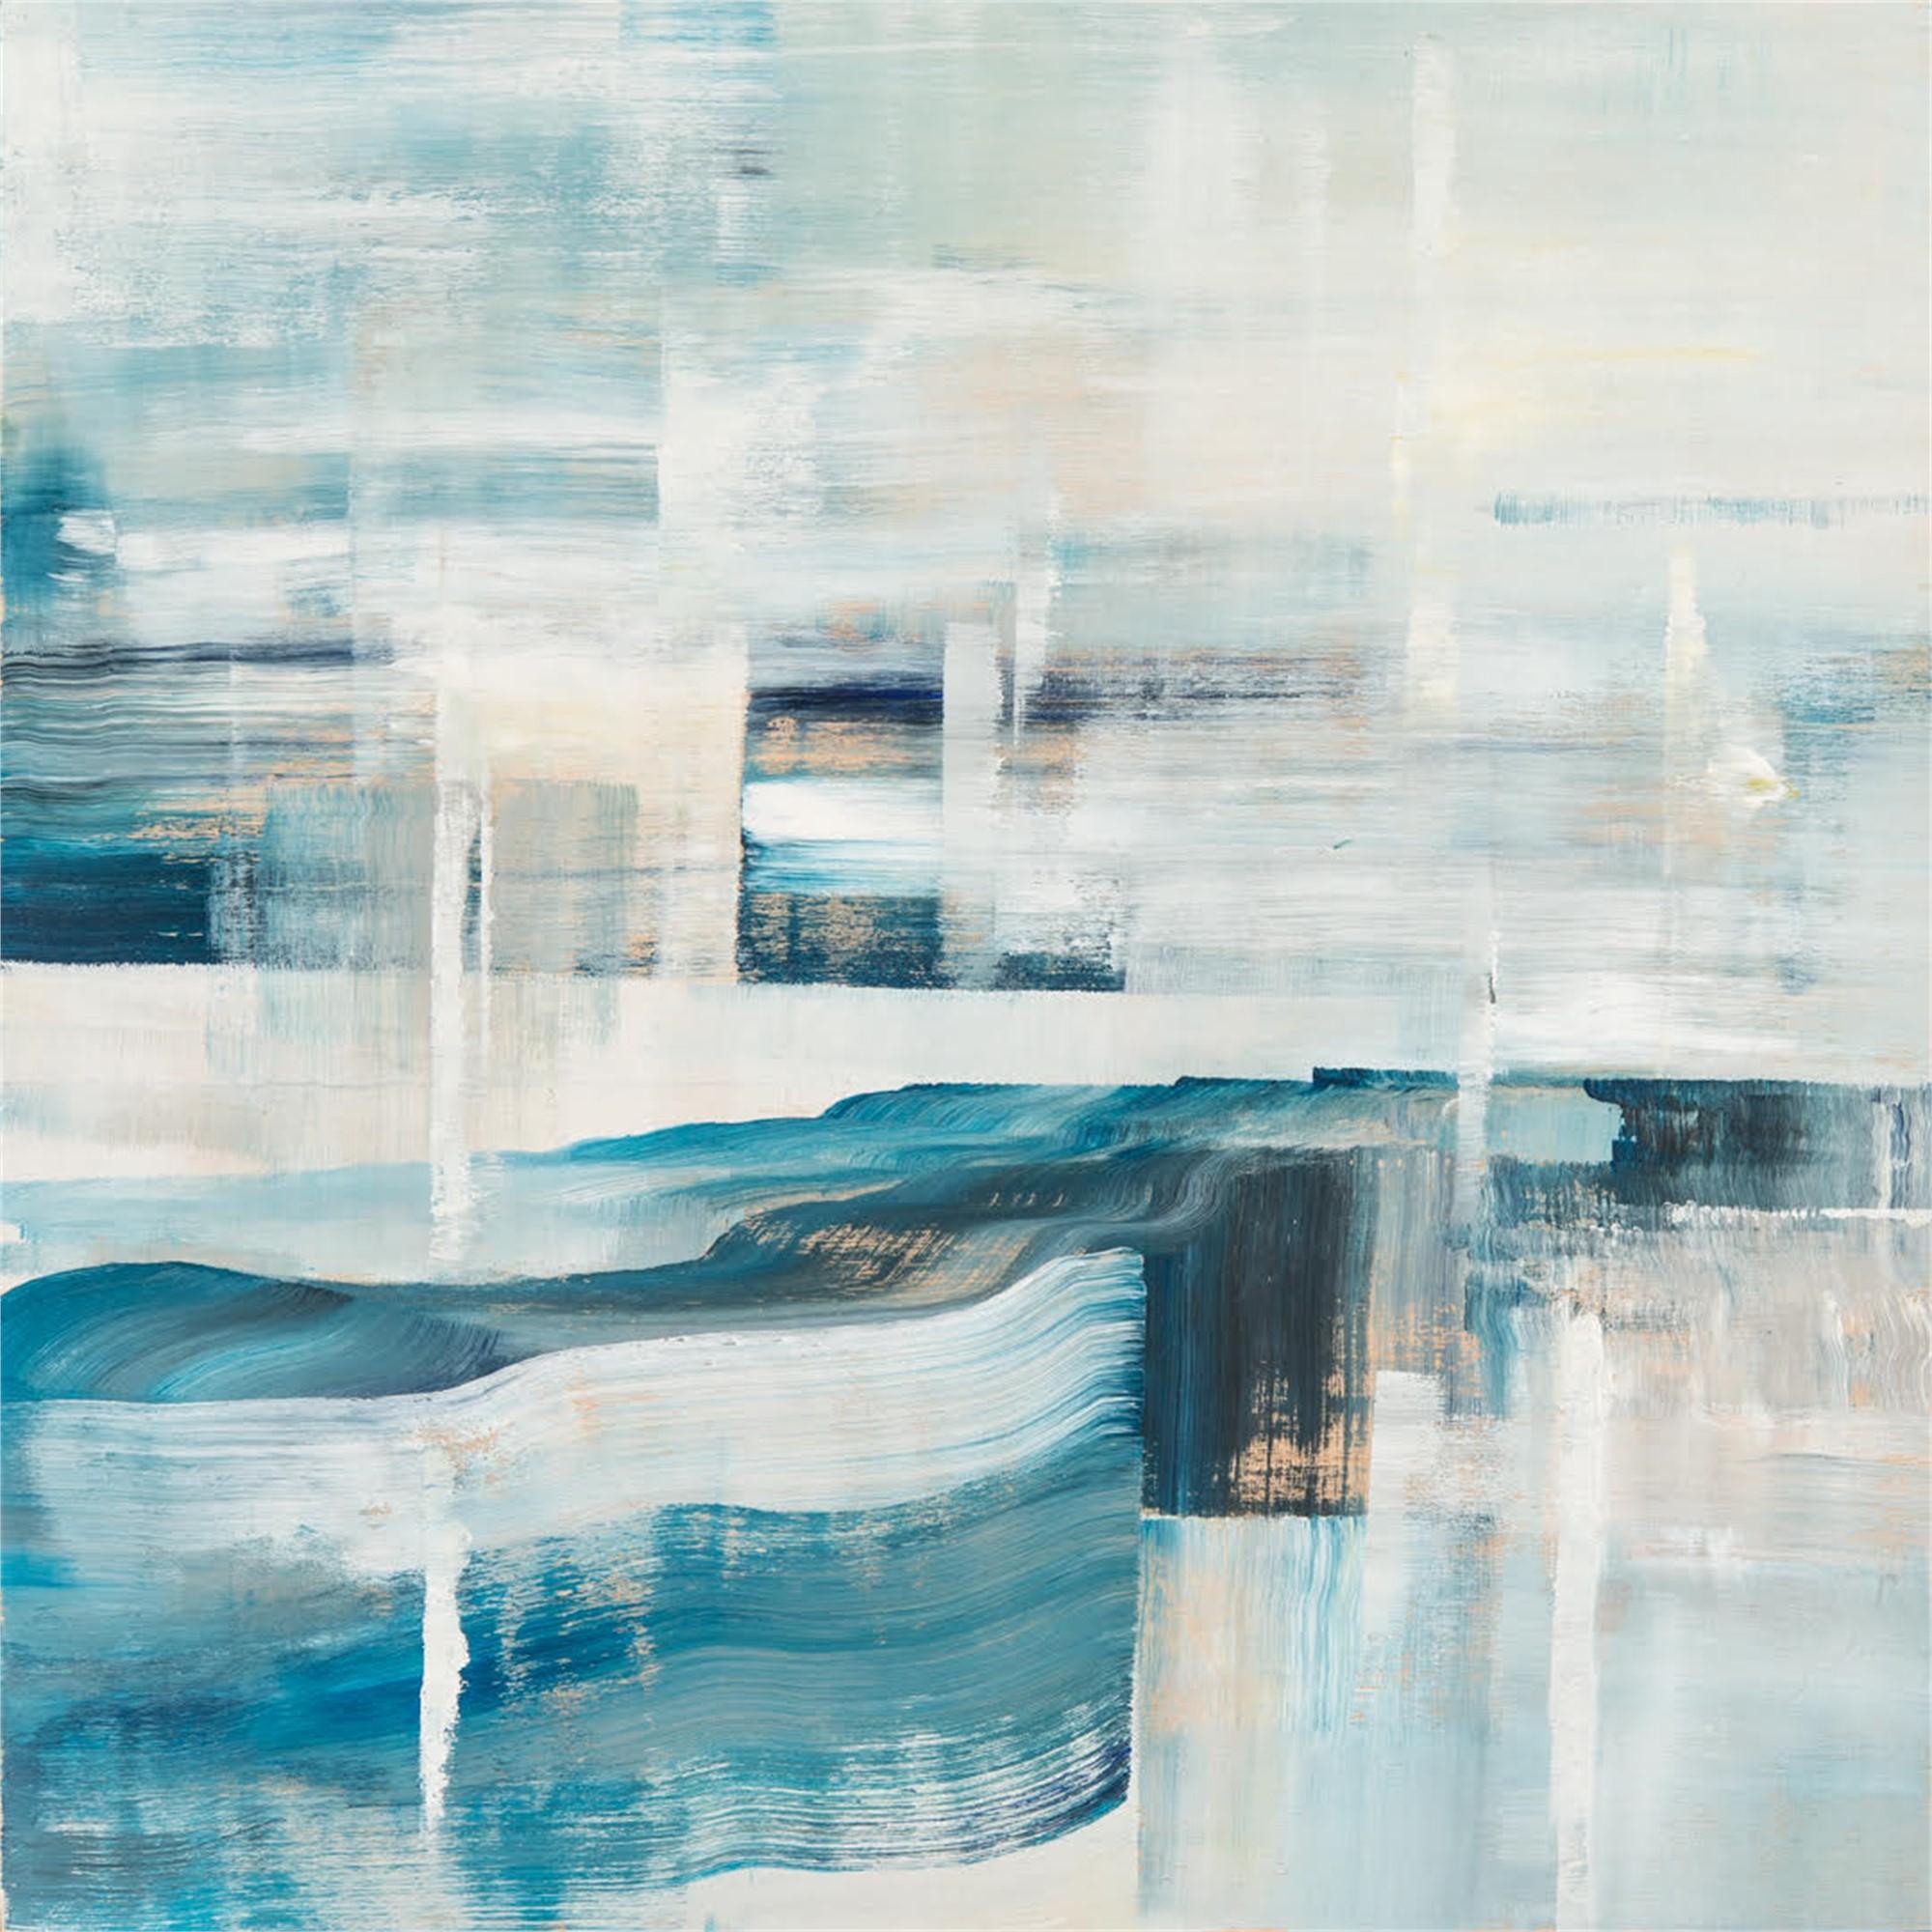 Intervals 18 by Gina Sarro